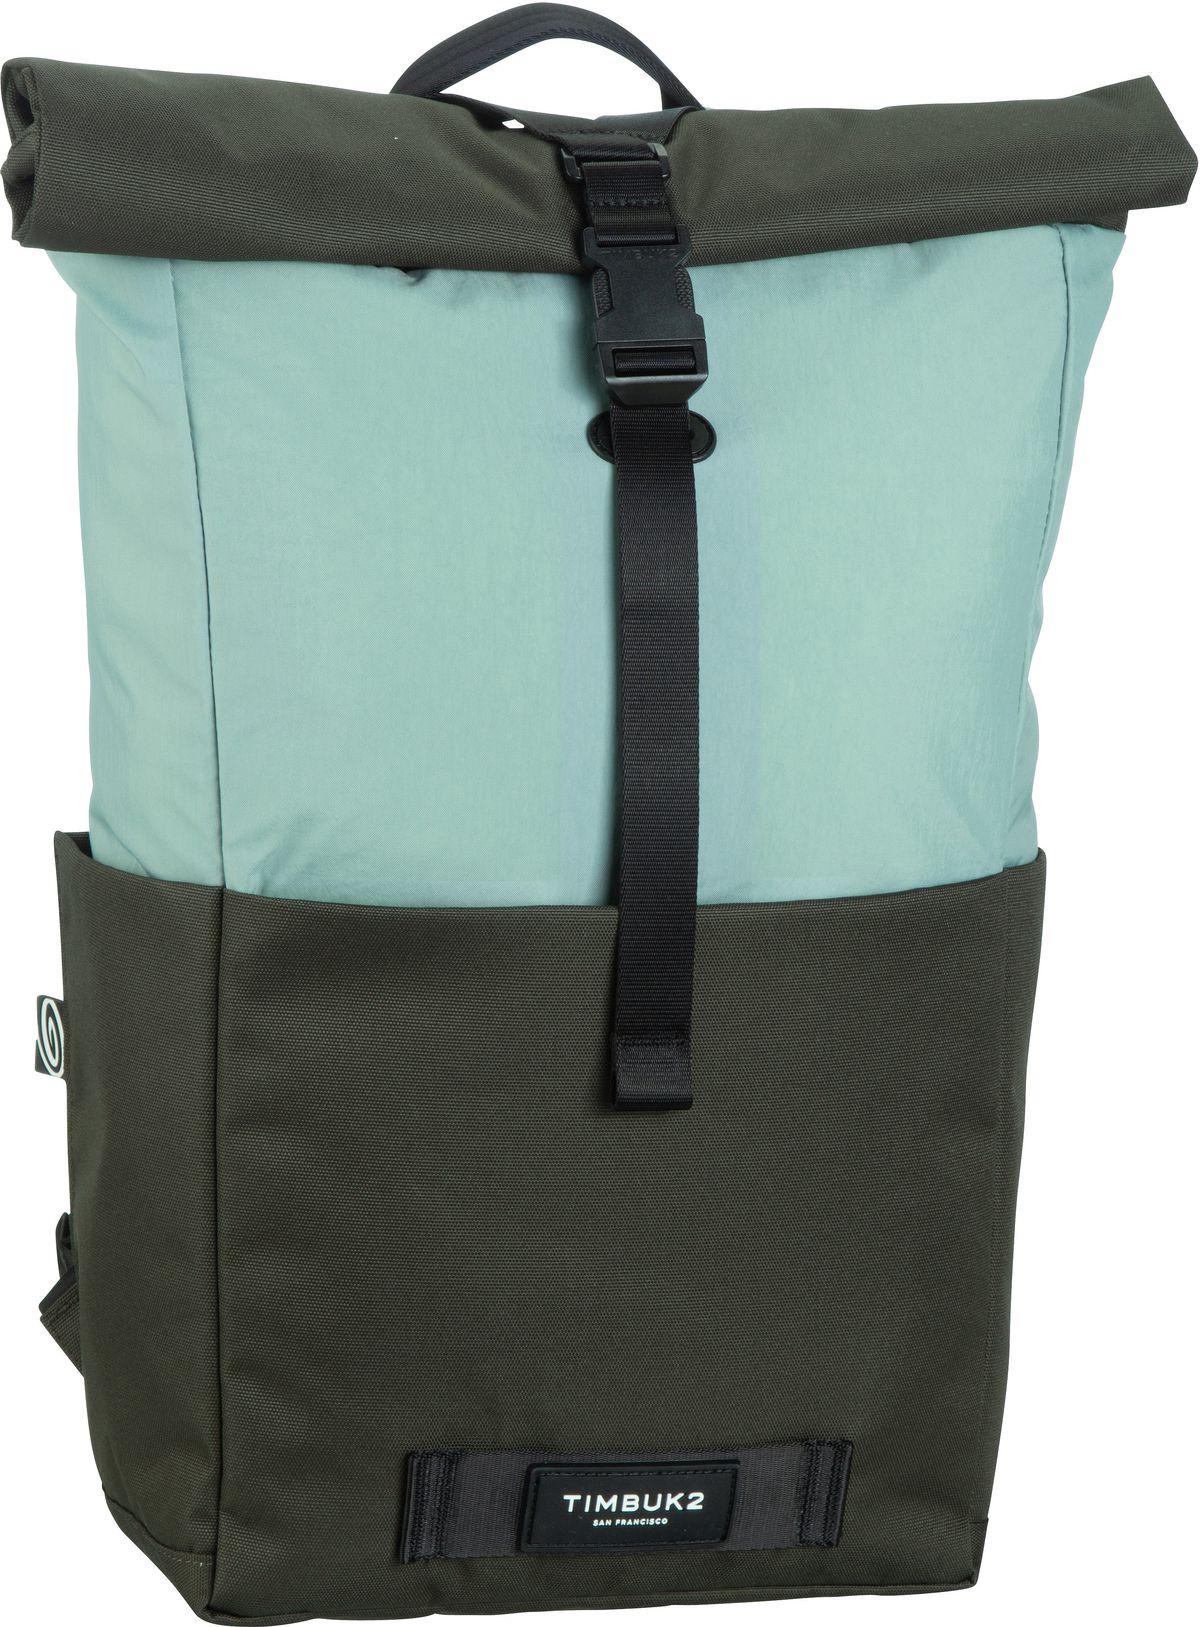 Rucksack / Daypack Hero Pack Envy (21 Liter)